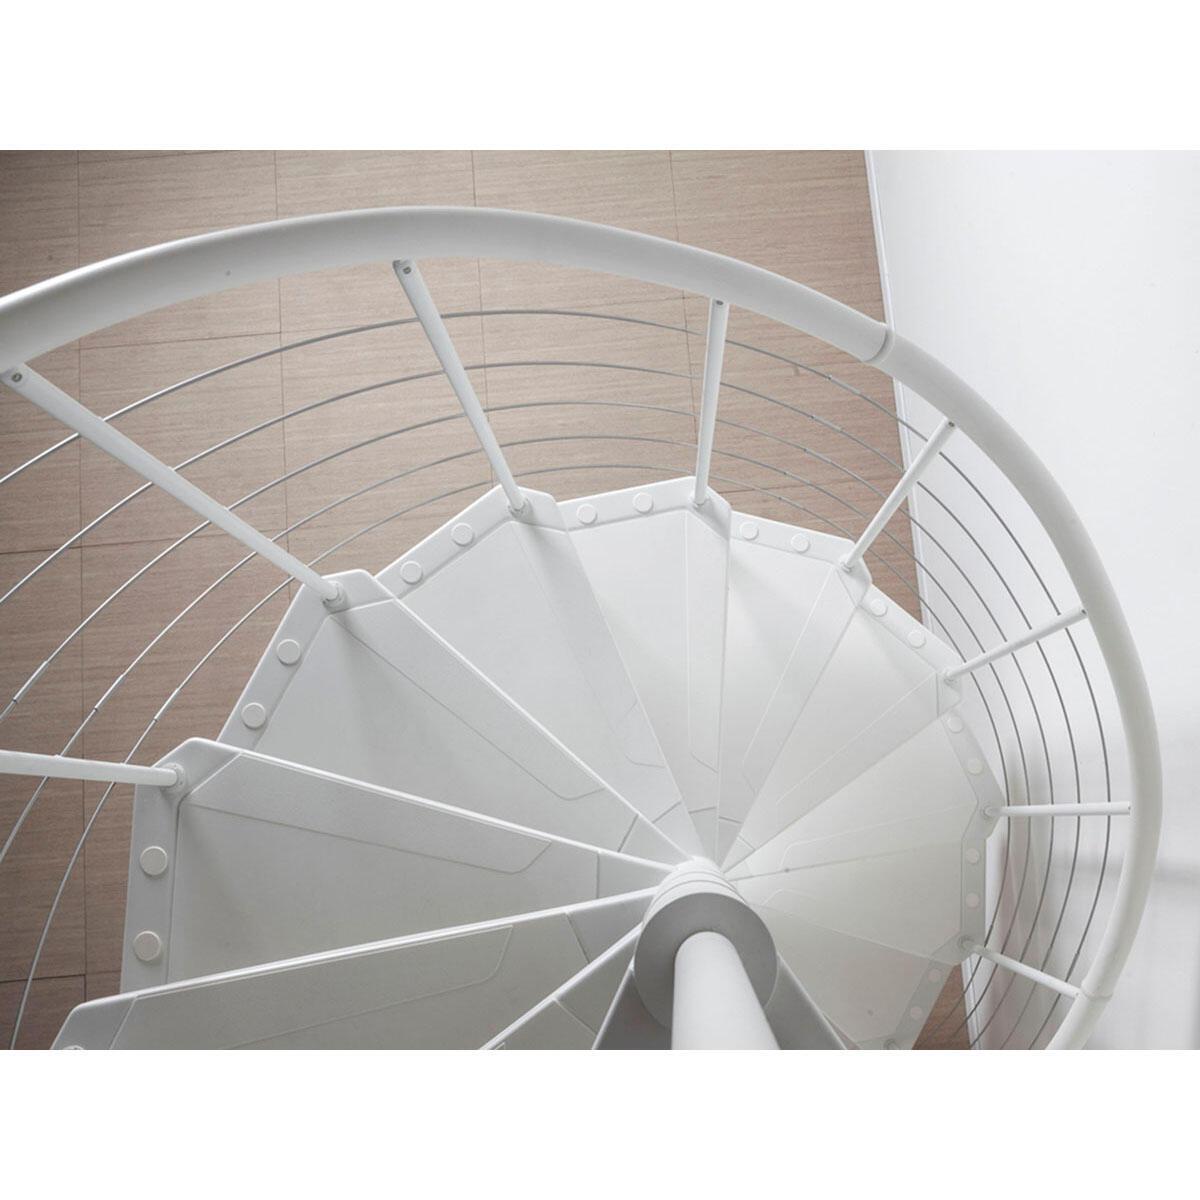 Scala a chiocciola tonda Gexi FONTANOT L 120 cm, gradino bianco, struttura bianco - 13